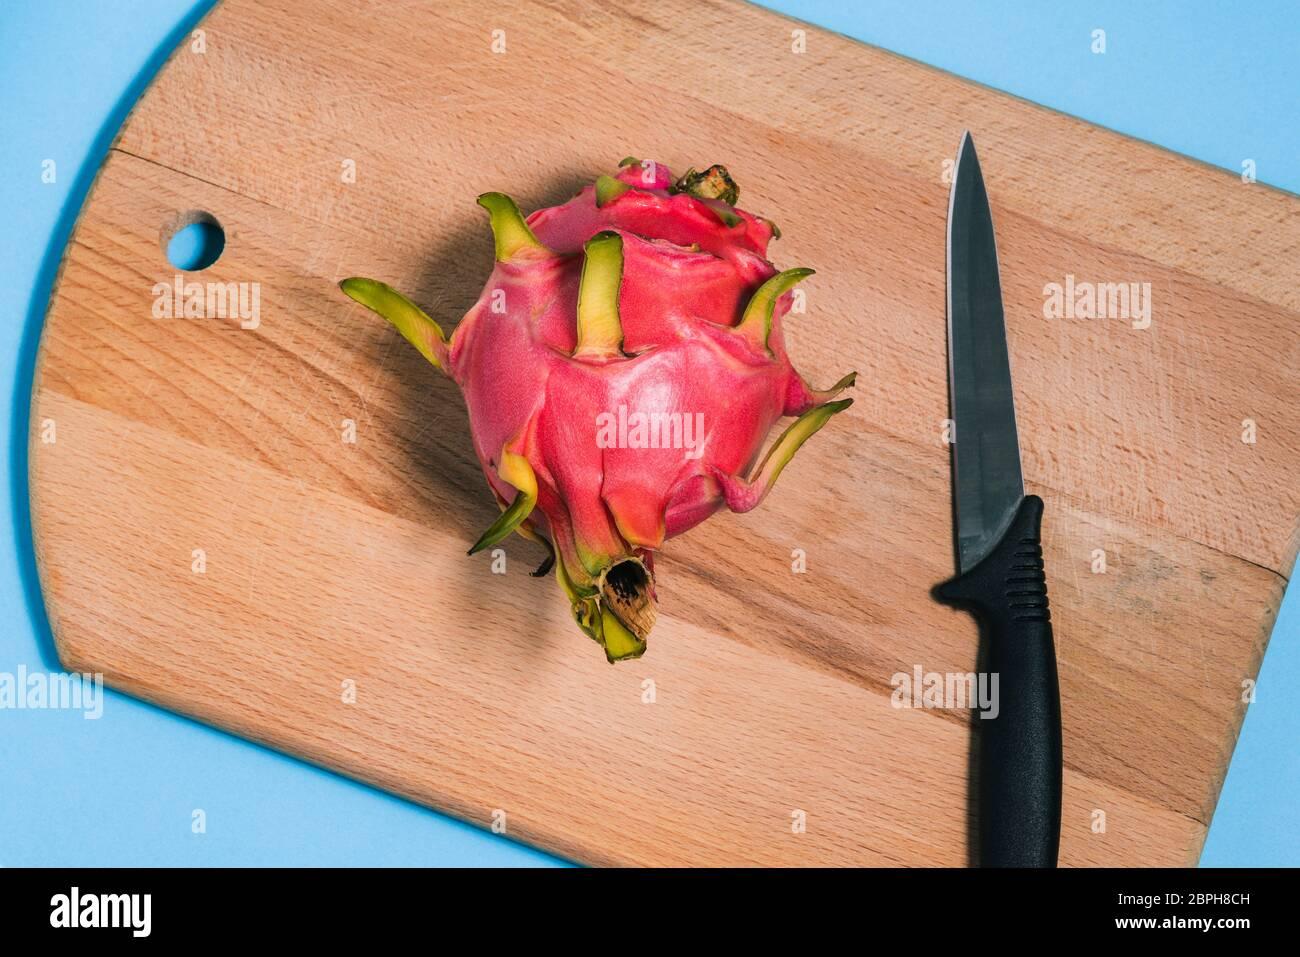 Pitaya madura y un cuchillo en una tabla de cortar. Corta la pitaya a la mitad. Fruta de dragón de verano. Vista superior de un diseño plano. Foto de stock